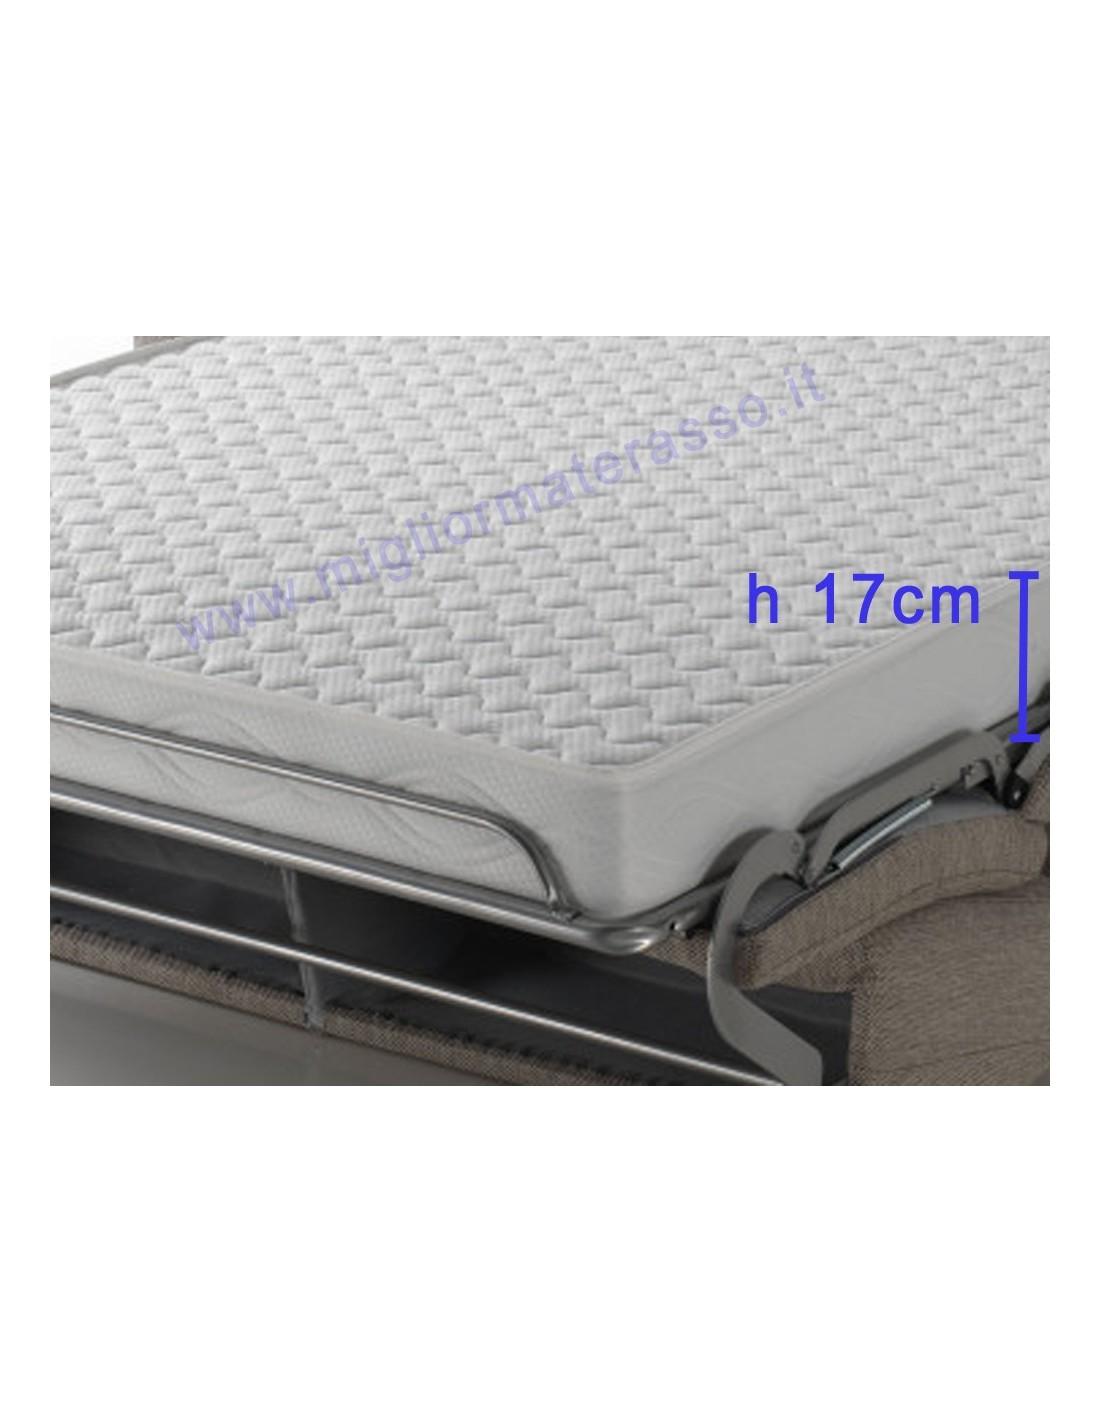 Materasso comodo alto 17 cm dentro un divano letto matrimoniale design for Divani letto con materasso alto